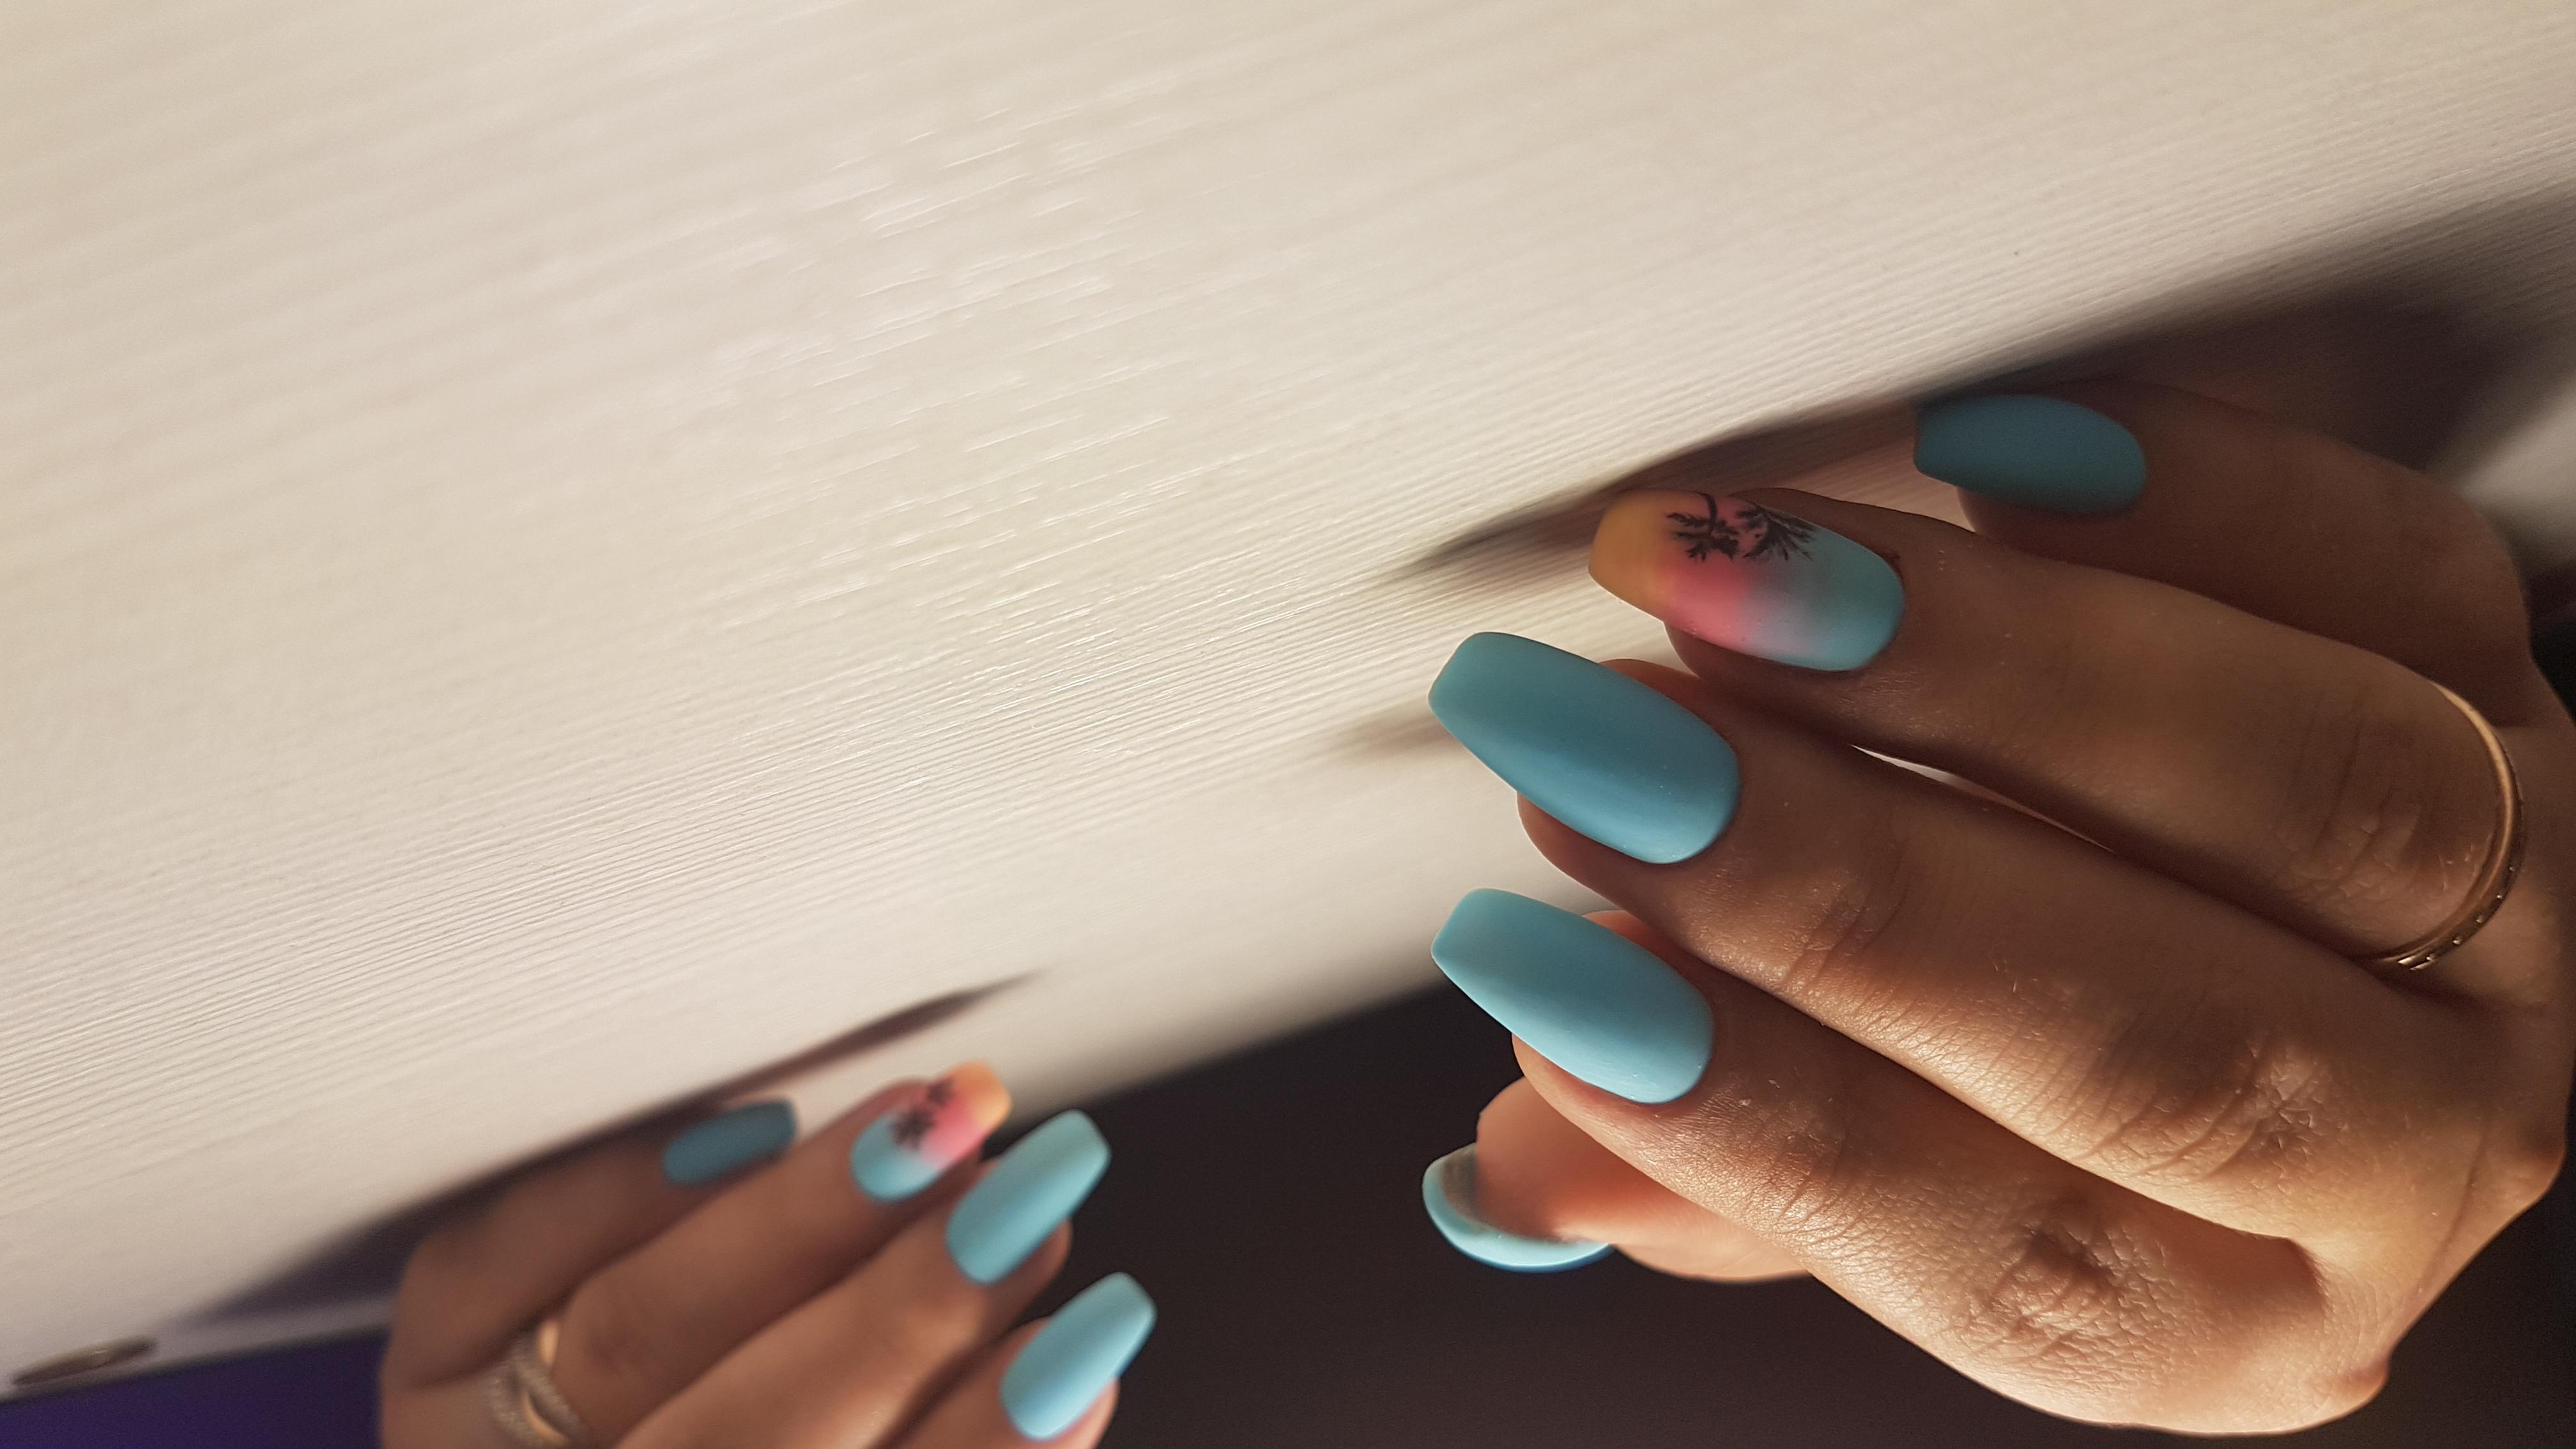 Матовый маникюр с градиентом и рисунком в голубом цвете на длинные ногти.